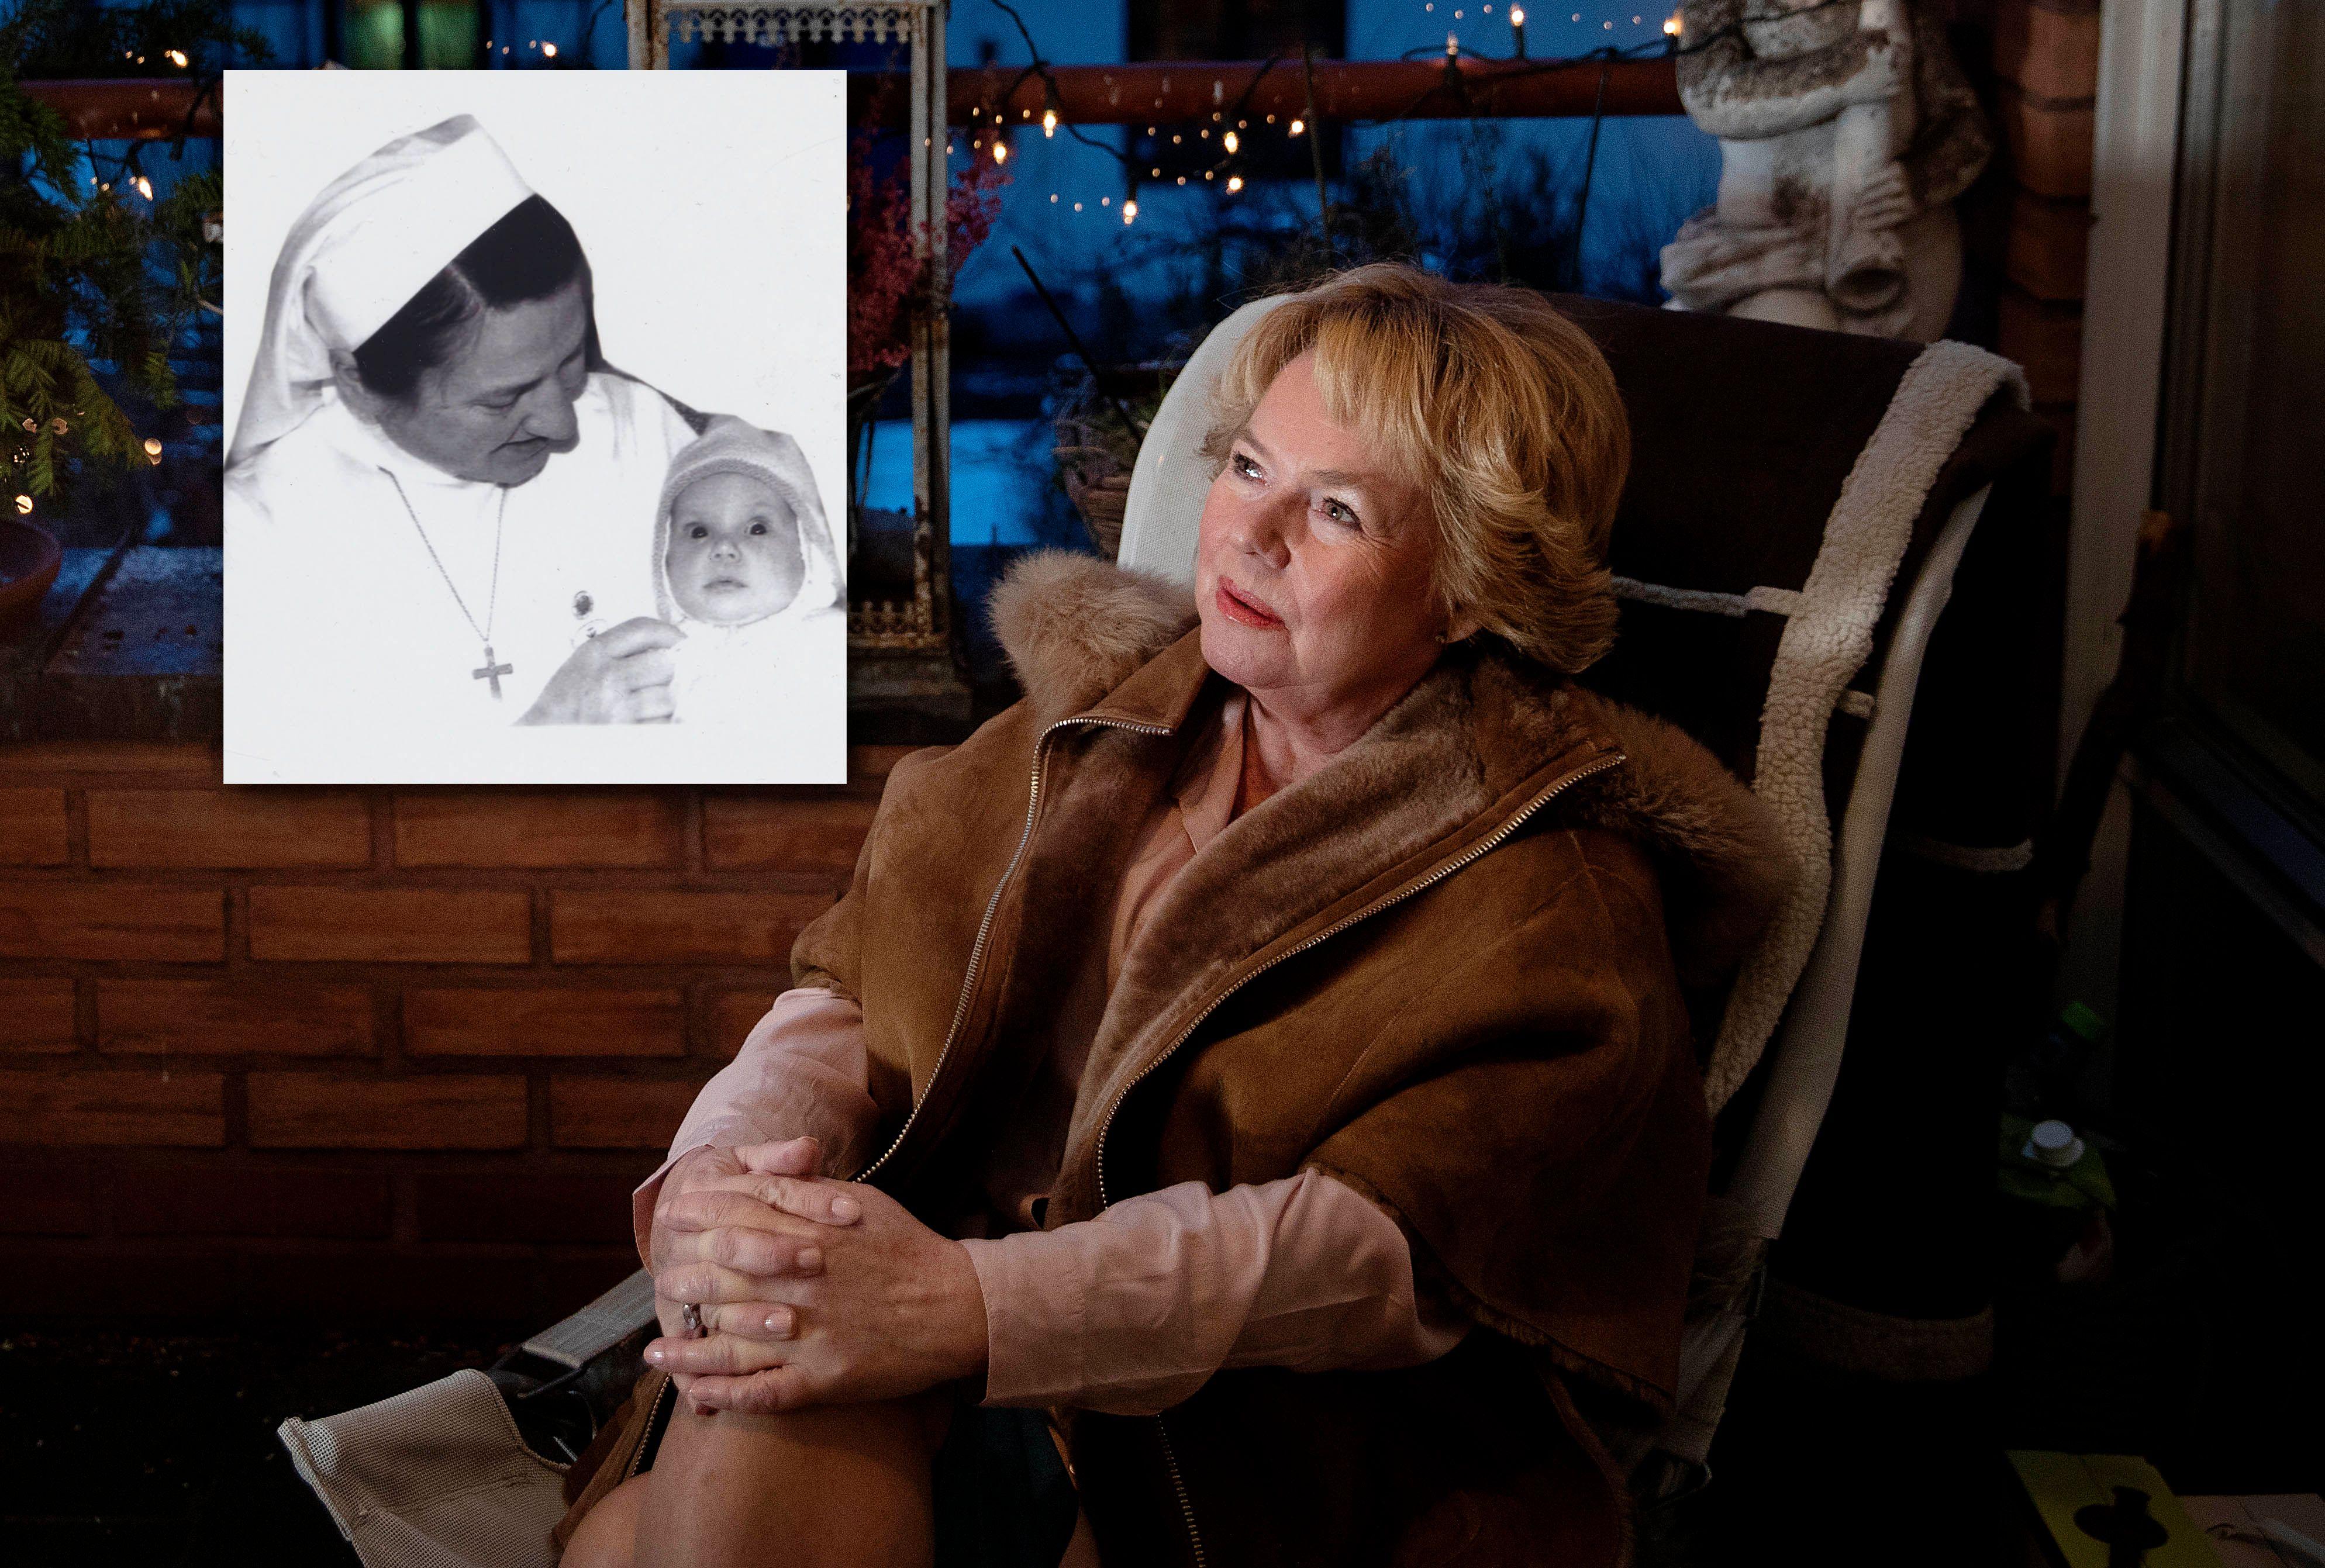 familie sex mamma sønn for tidlig creampie porno